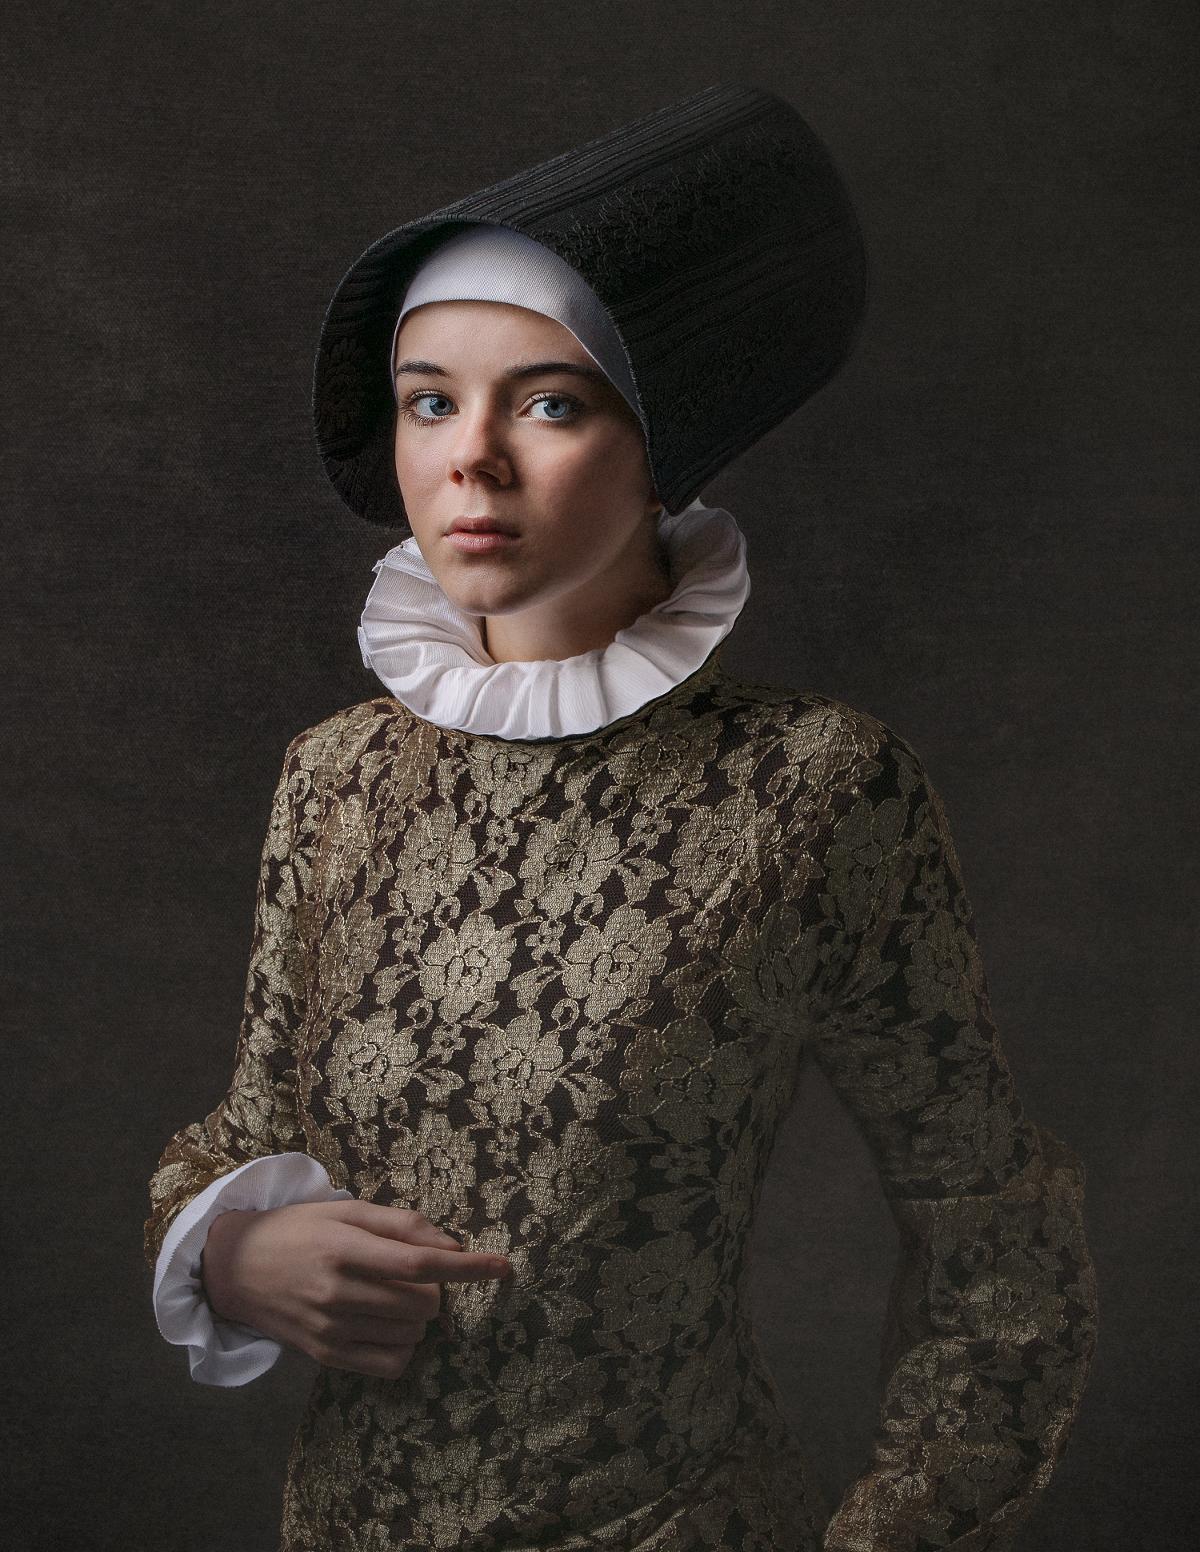 portrait créatif fine art adolescent Caroline Bouchez